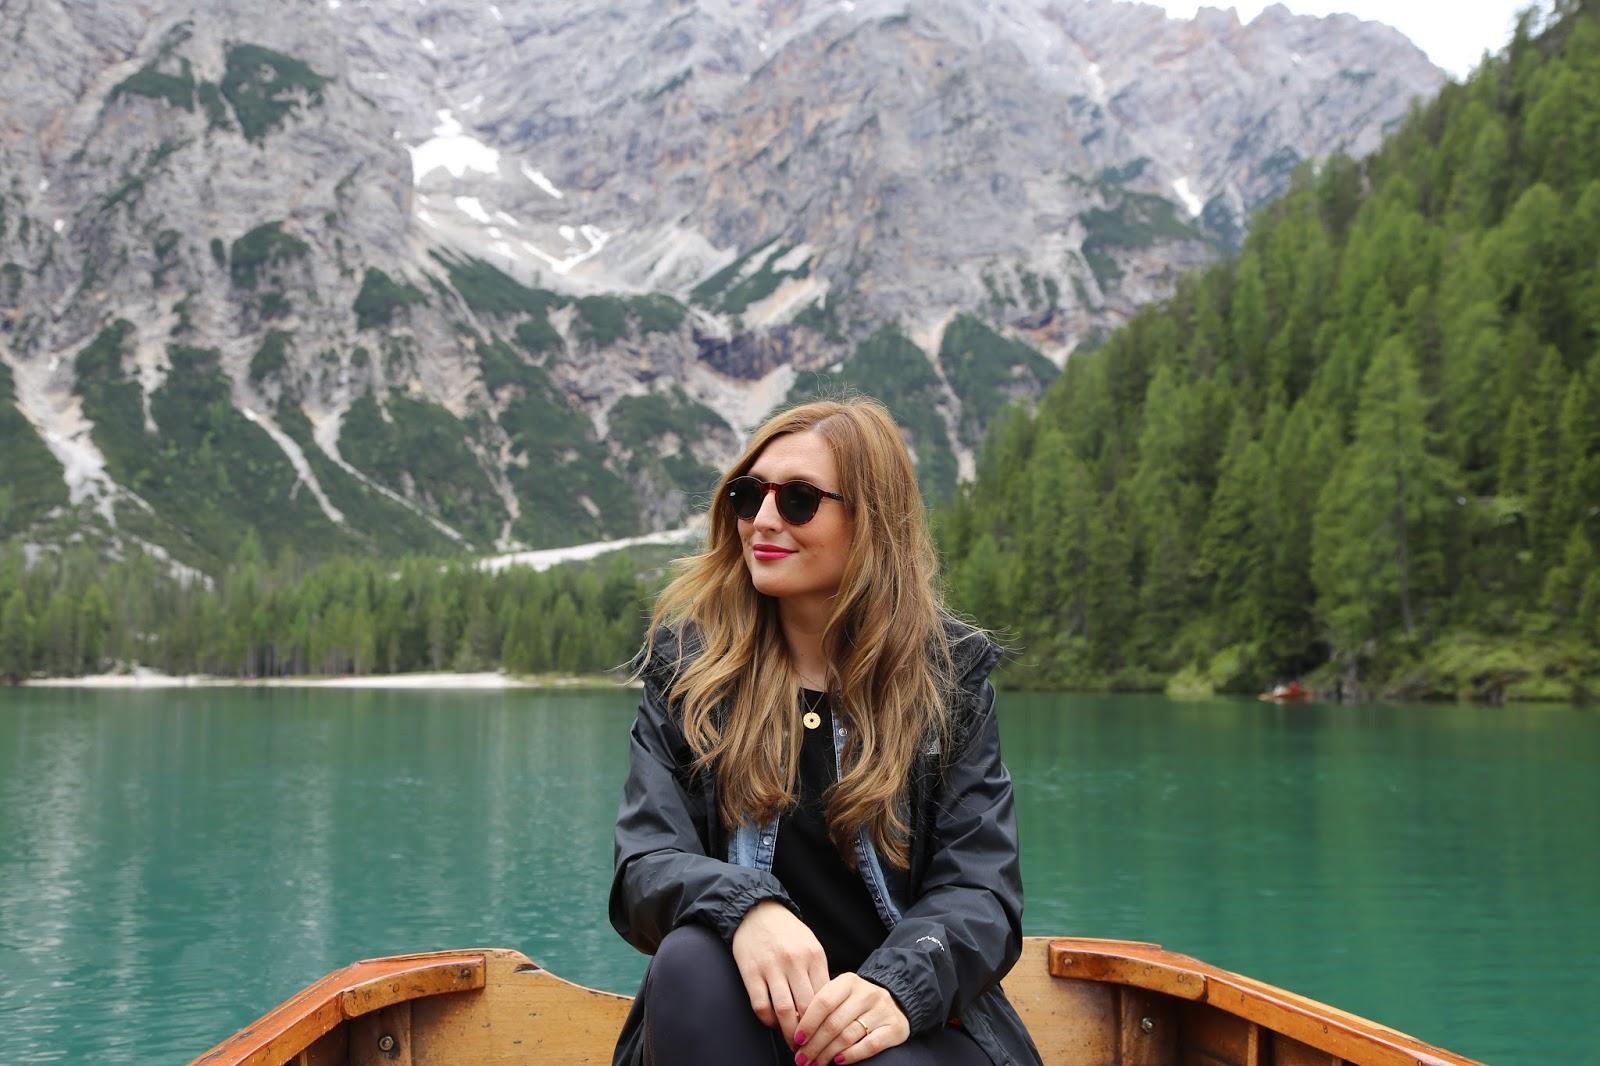 Deutsche Fashionblogger - Fashionblogger aus Deutschland - Outdoorbloggerin -Fashionstylebyjohanna - Südtirol - Fedora Hut - Blogger - Austria - Outdoorblogger - Haglo-Lago Di braies -Pragser Wildsee